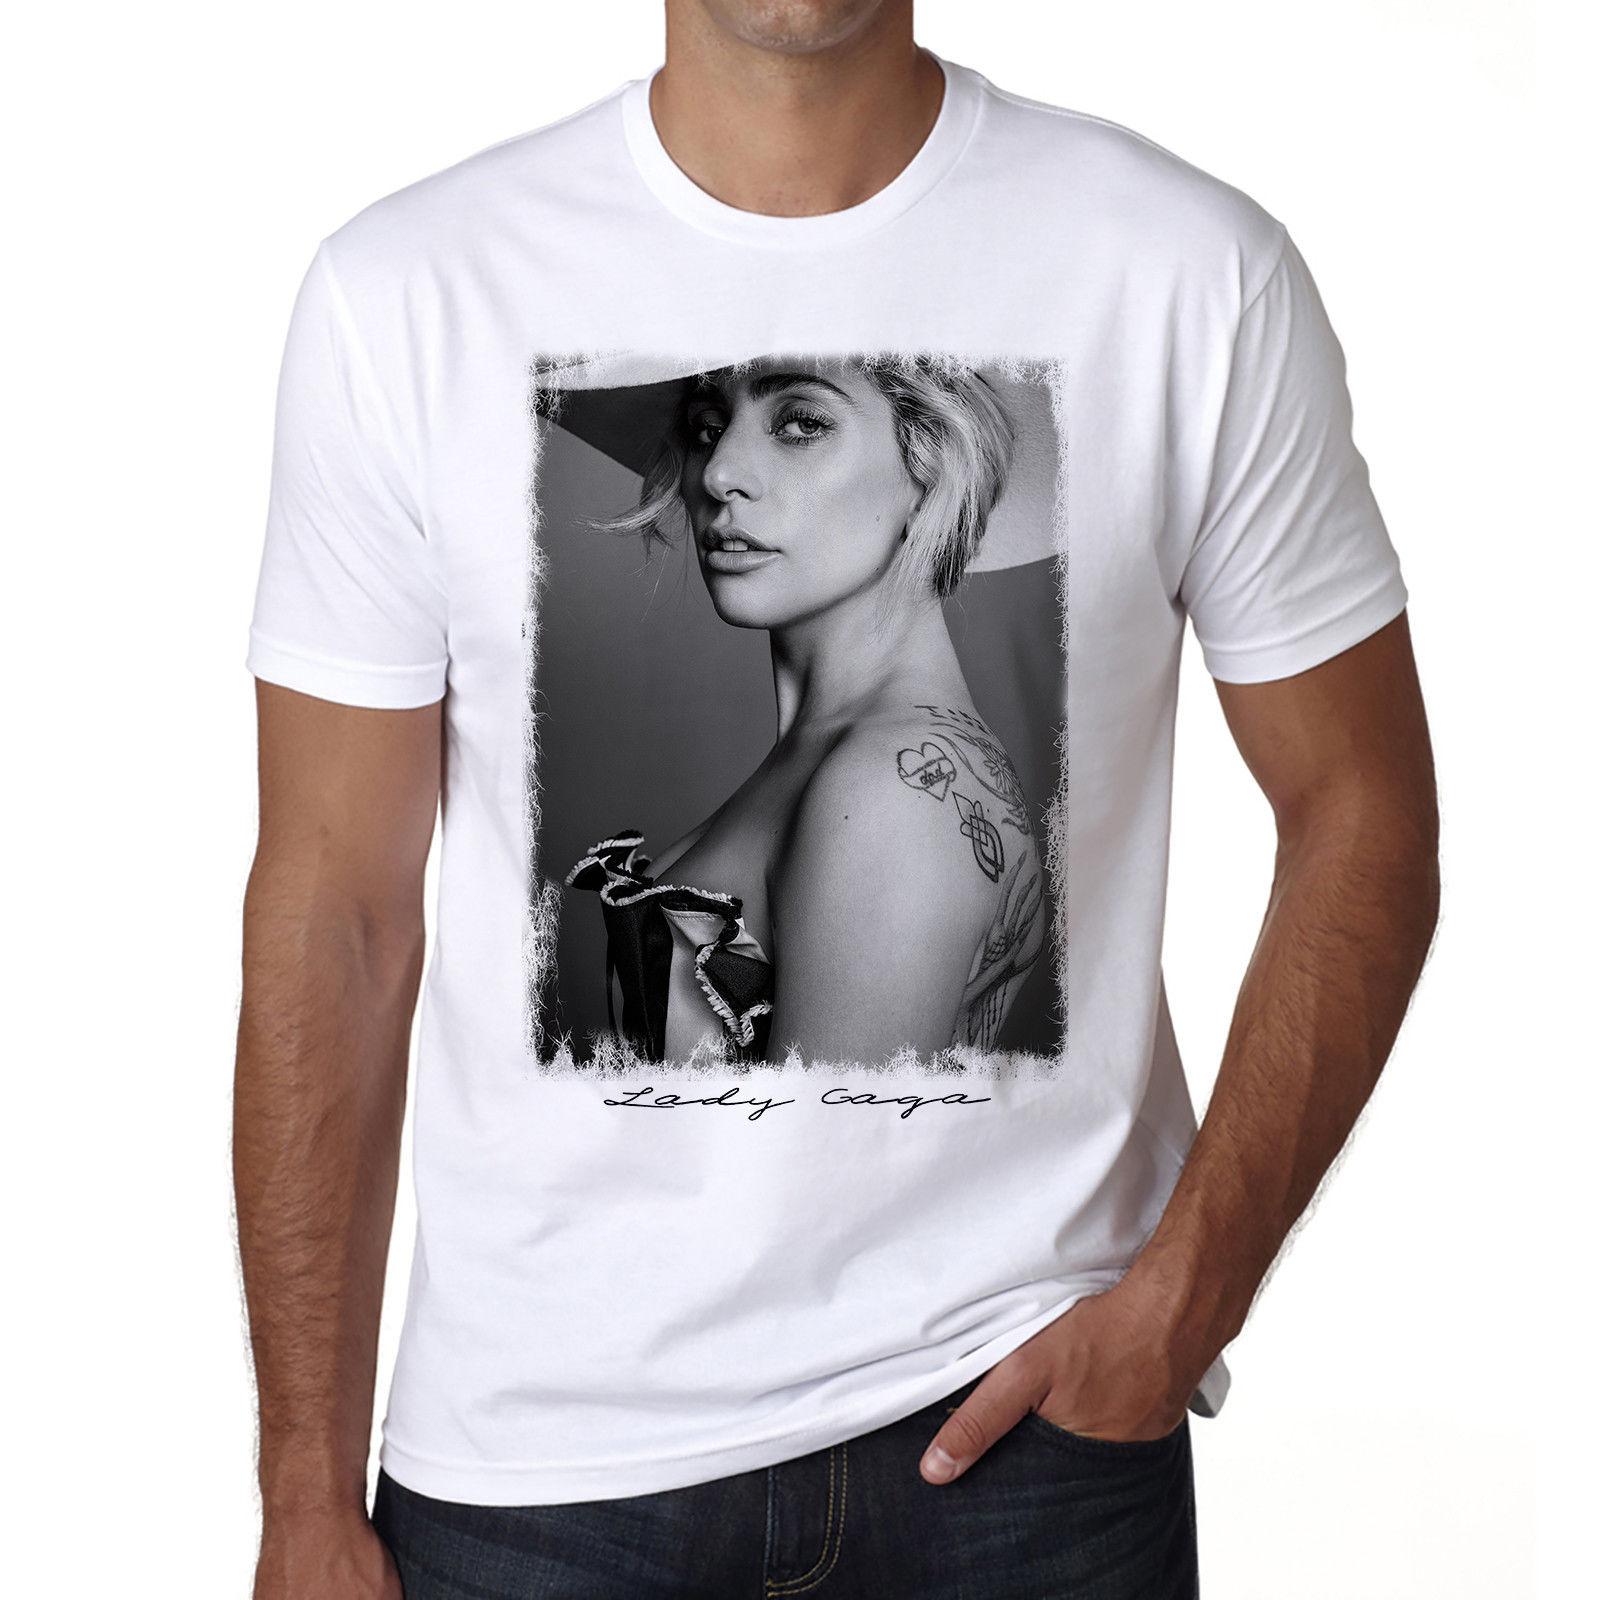 Lady Gaga 2 R, Hommes Tshirt, Cadeau ideal, Mens Tshirt, gift tshirt